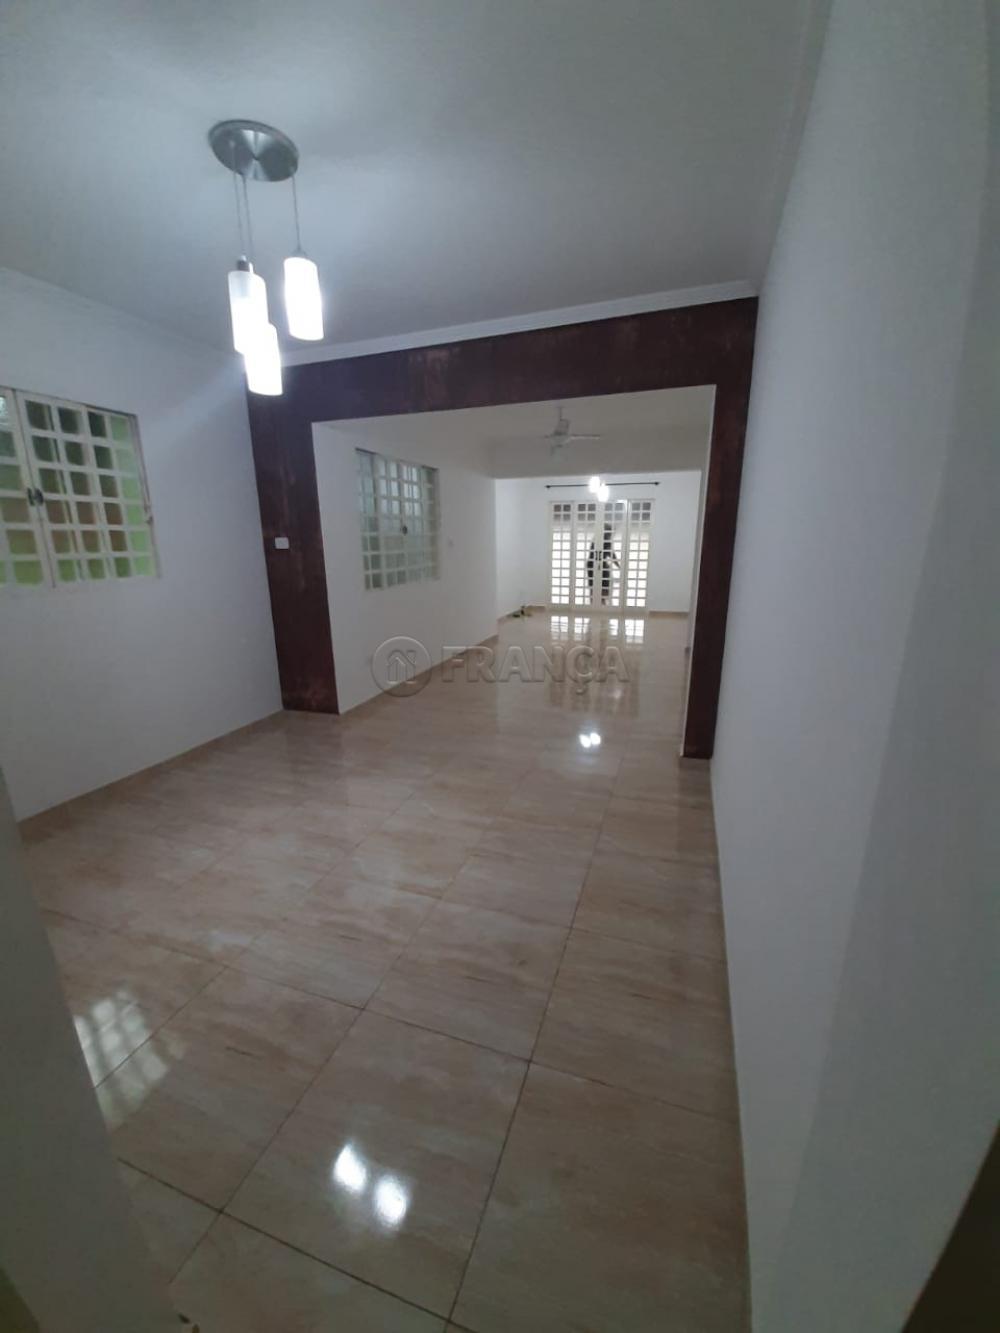 Comprar Casa / Sobrado em Taubaté R$ 373.000,00 - Foto 10